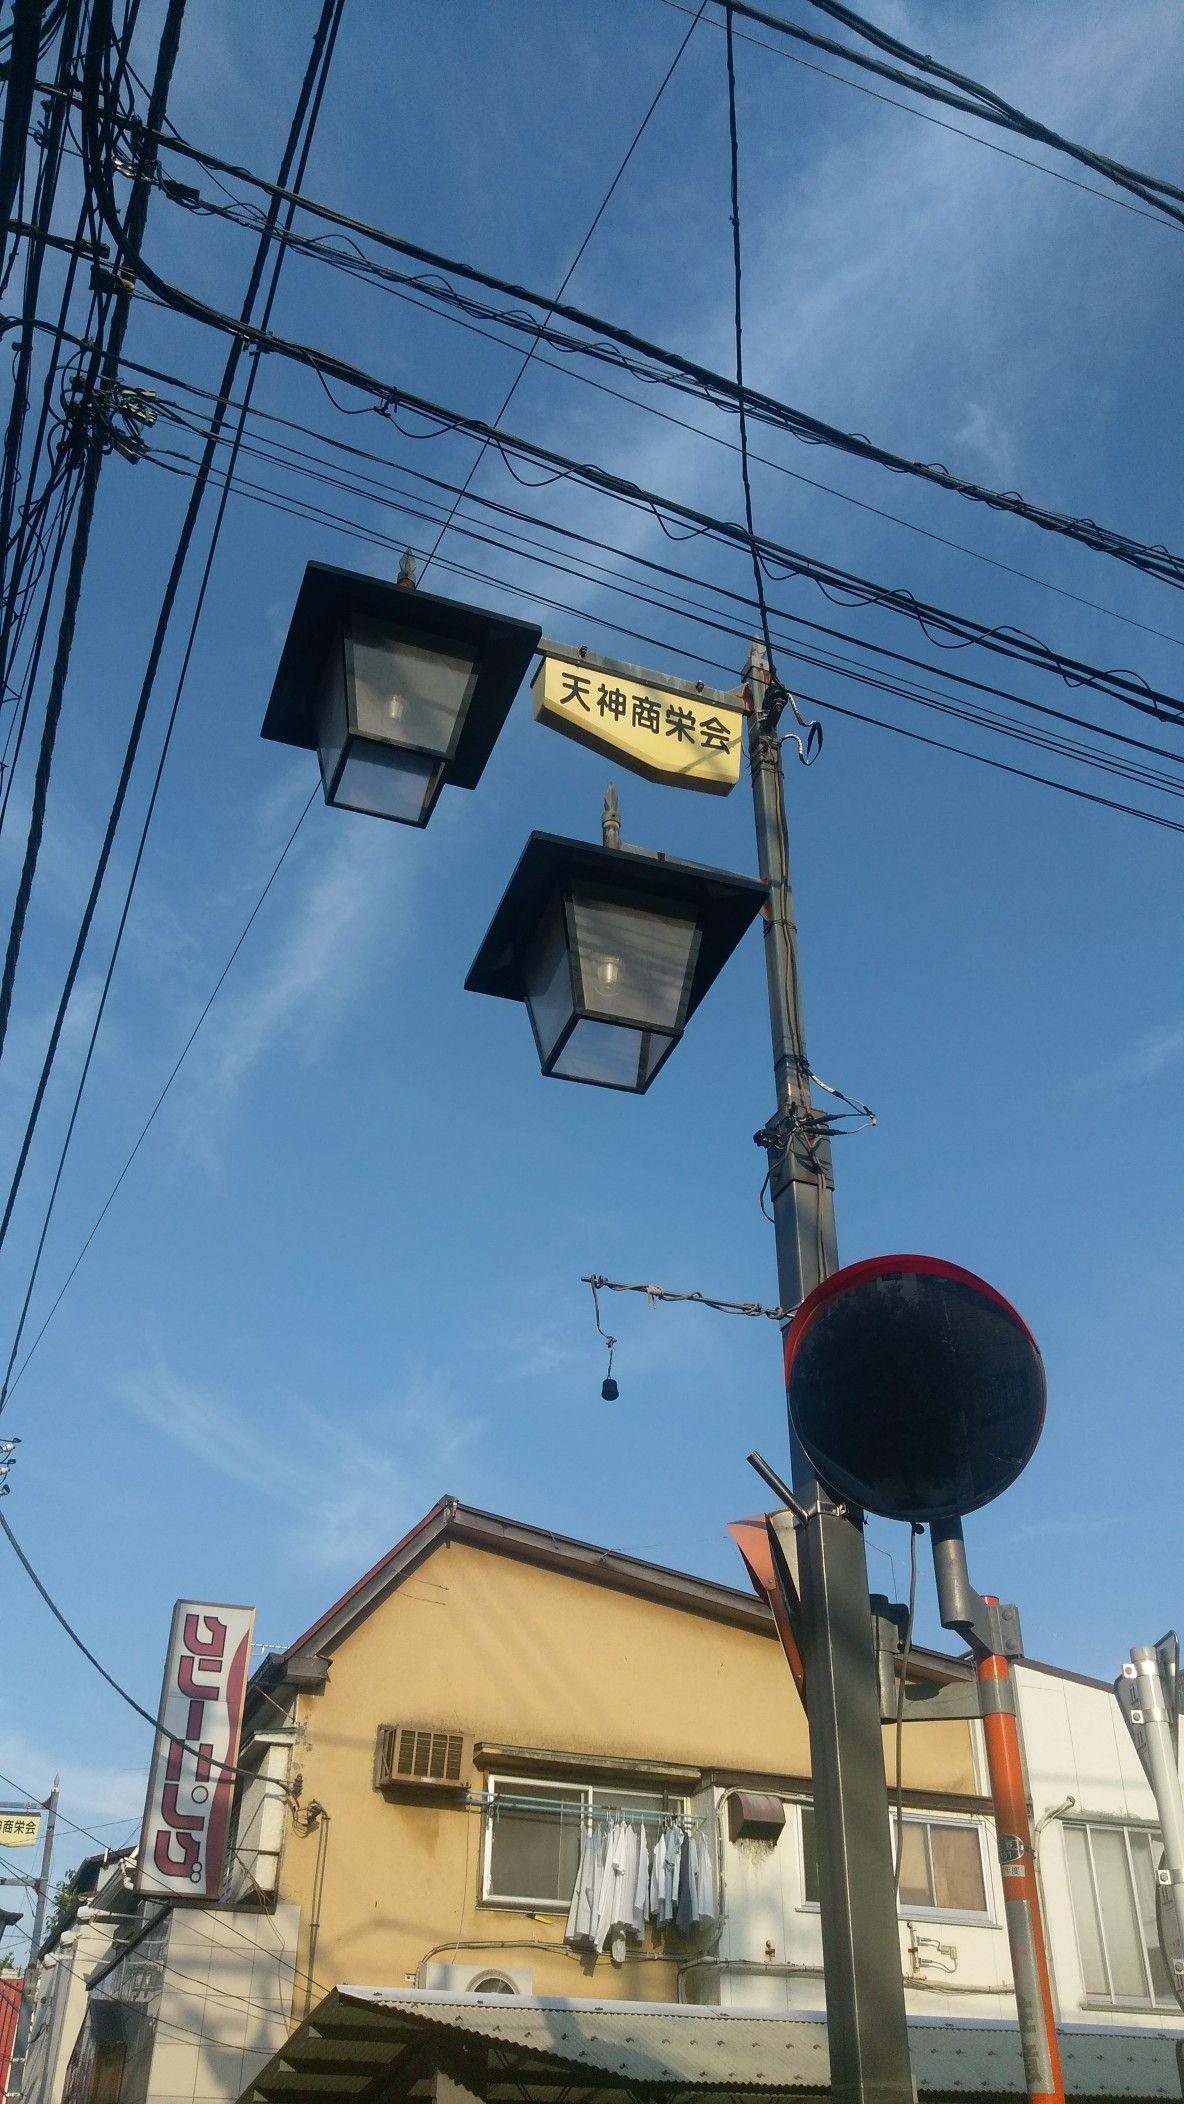 Pin By Wei Fen Wang On Street Lamps In Tokyo With Images Street Lamp Street Lamp